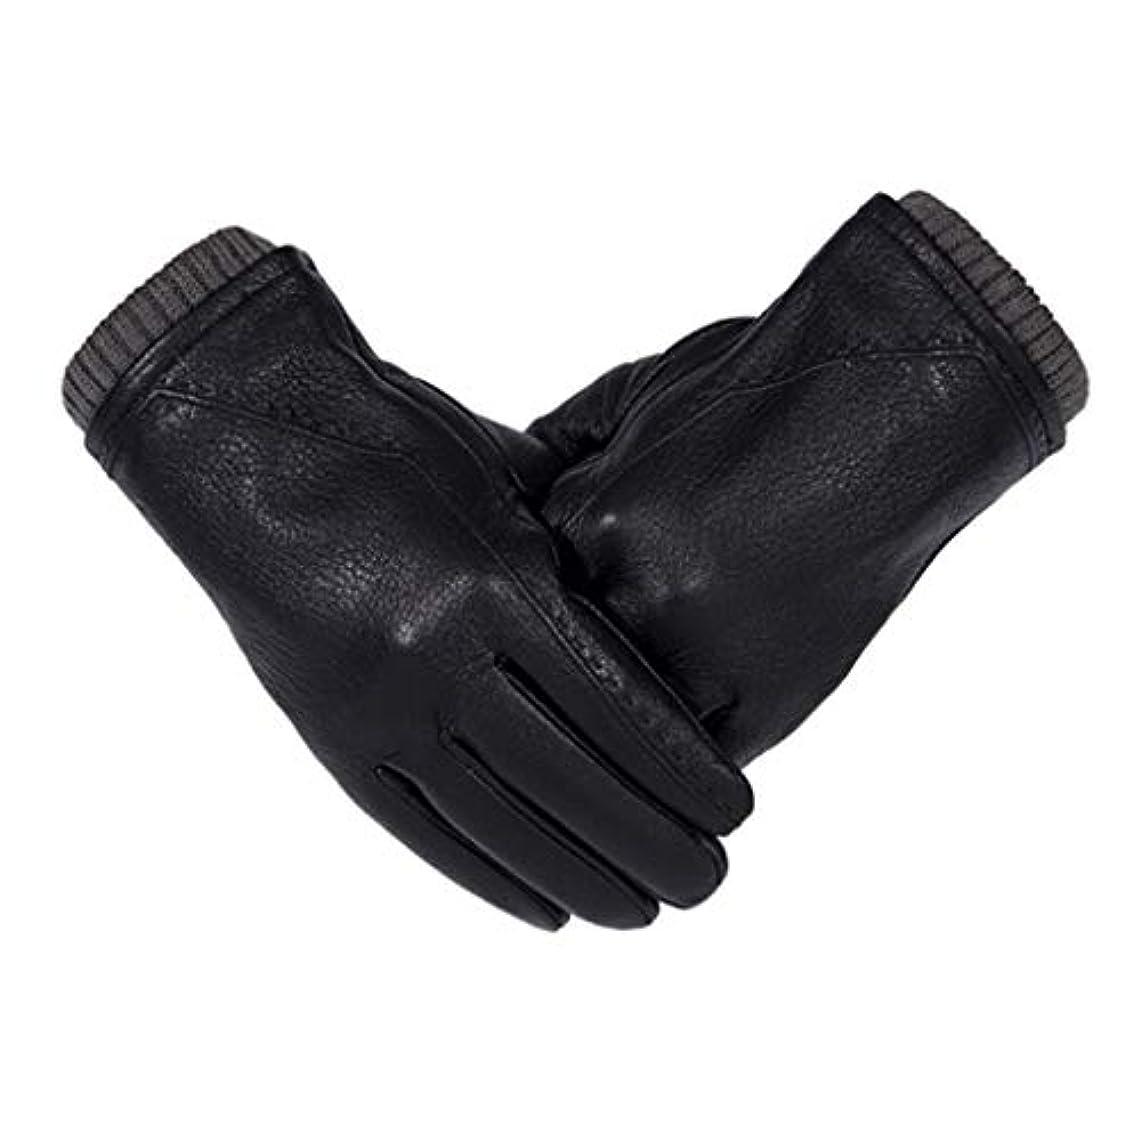 戦闘に向けて出発食い違い革の手袋男性の冬の厚いタッチタッチスクリーン駆動サイクリング男性の暖かい手袋